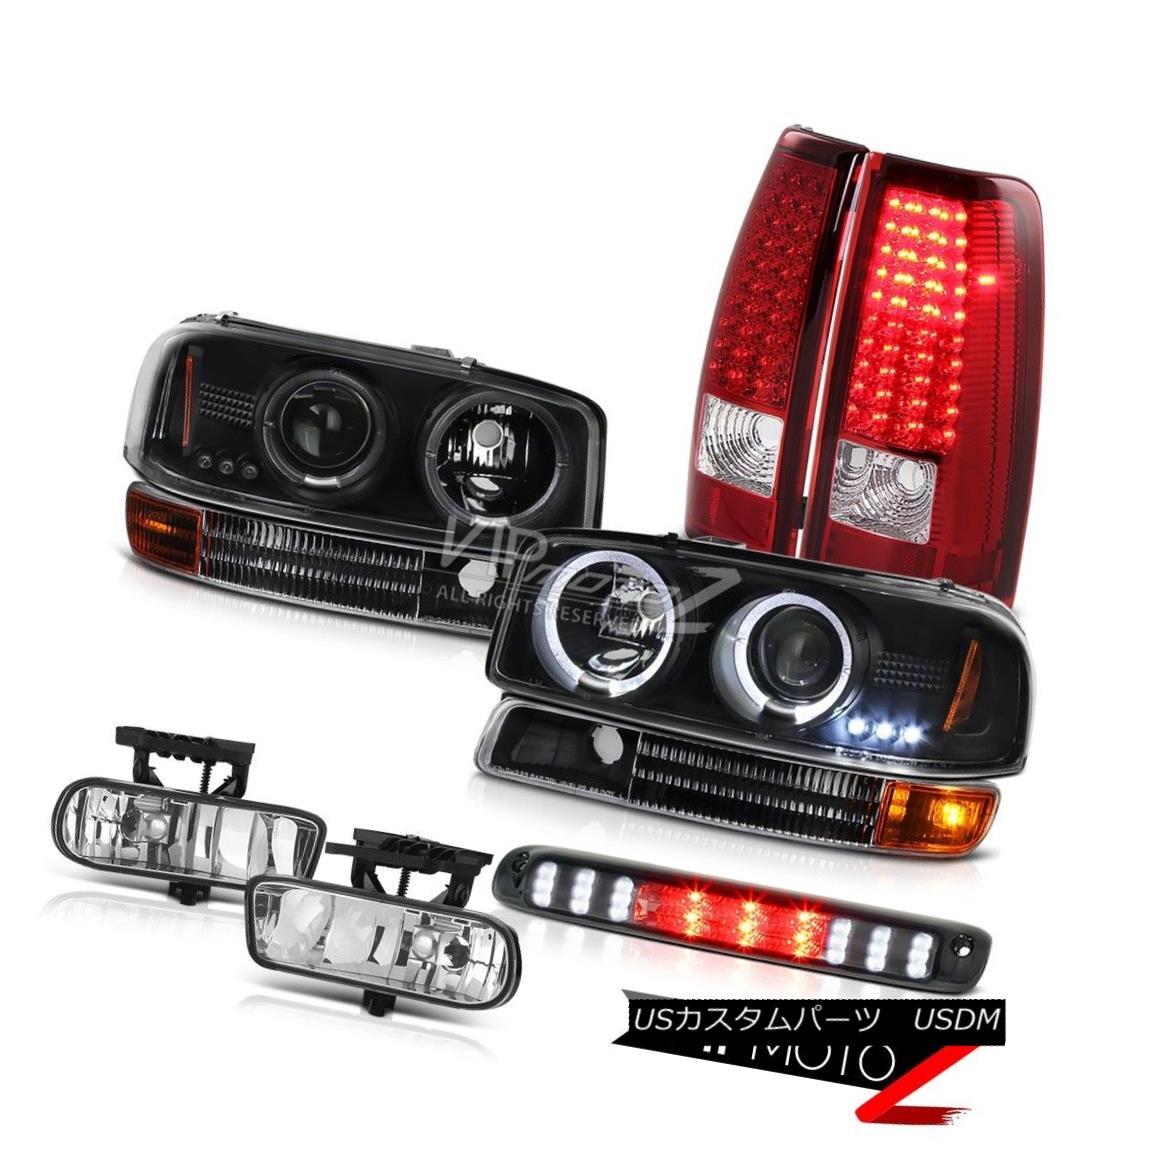 ヘッドライト 1999-2002 Sierra LED Angel Eye Projector Headlights Parking Red Tail Lights Fog 1999-2002シエラLEDエンジェルアイプロジェクターヘッドライトパーキングレッドテールライトフォグ